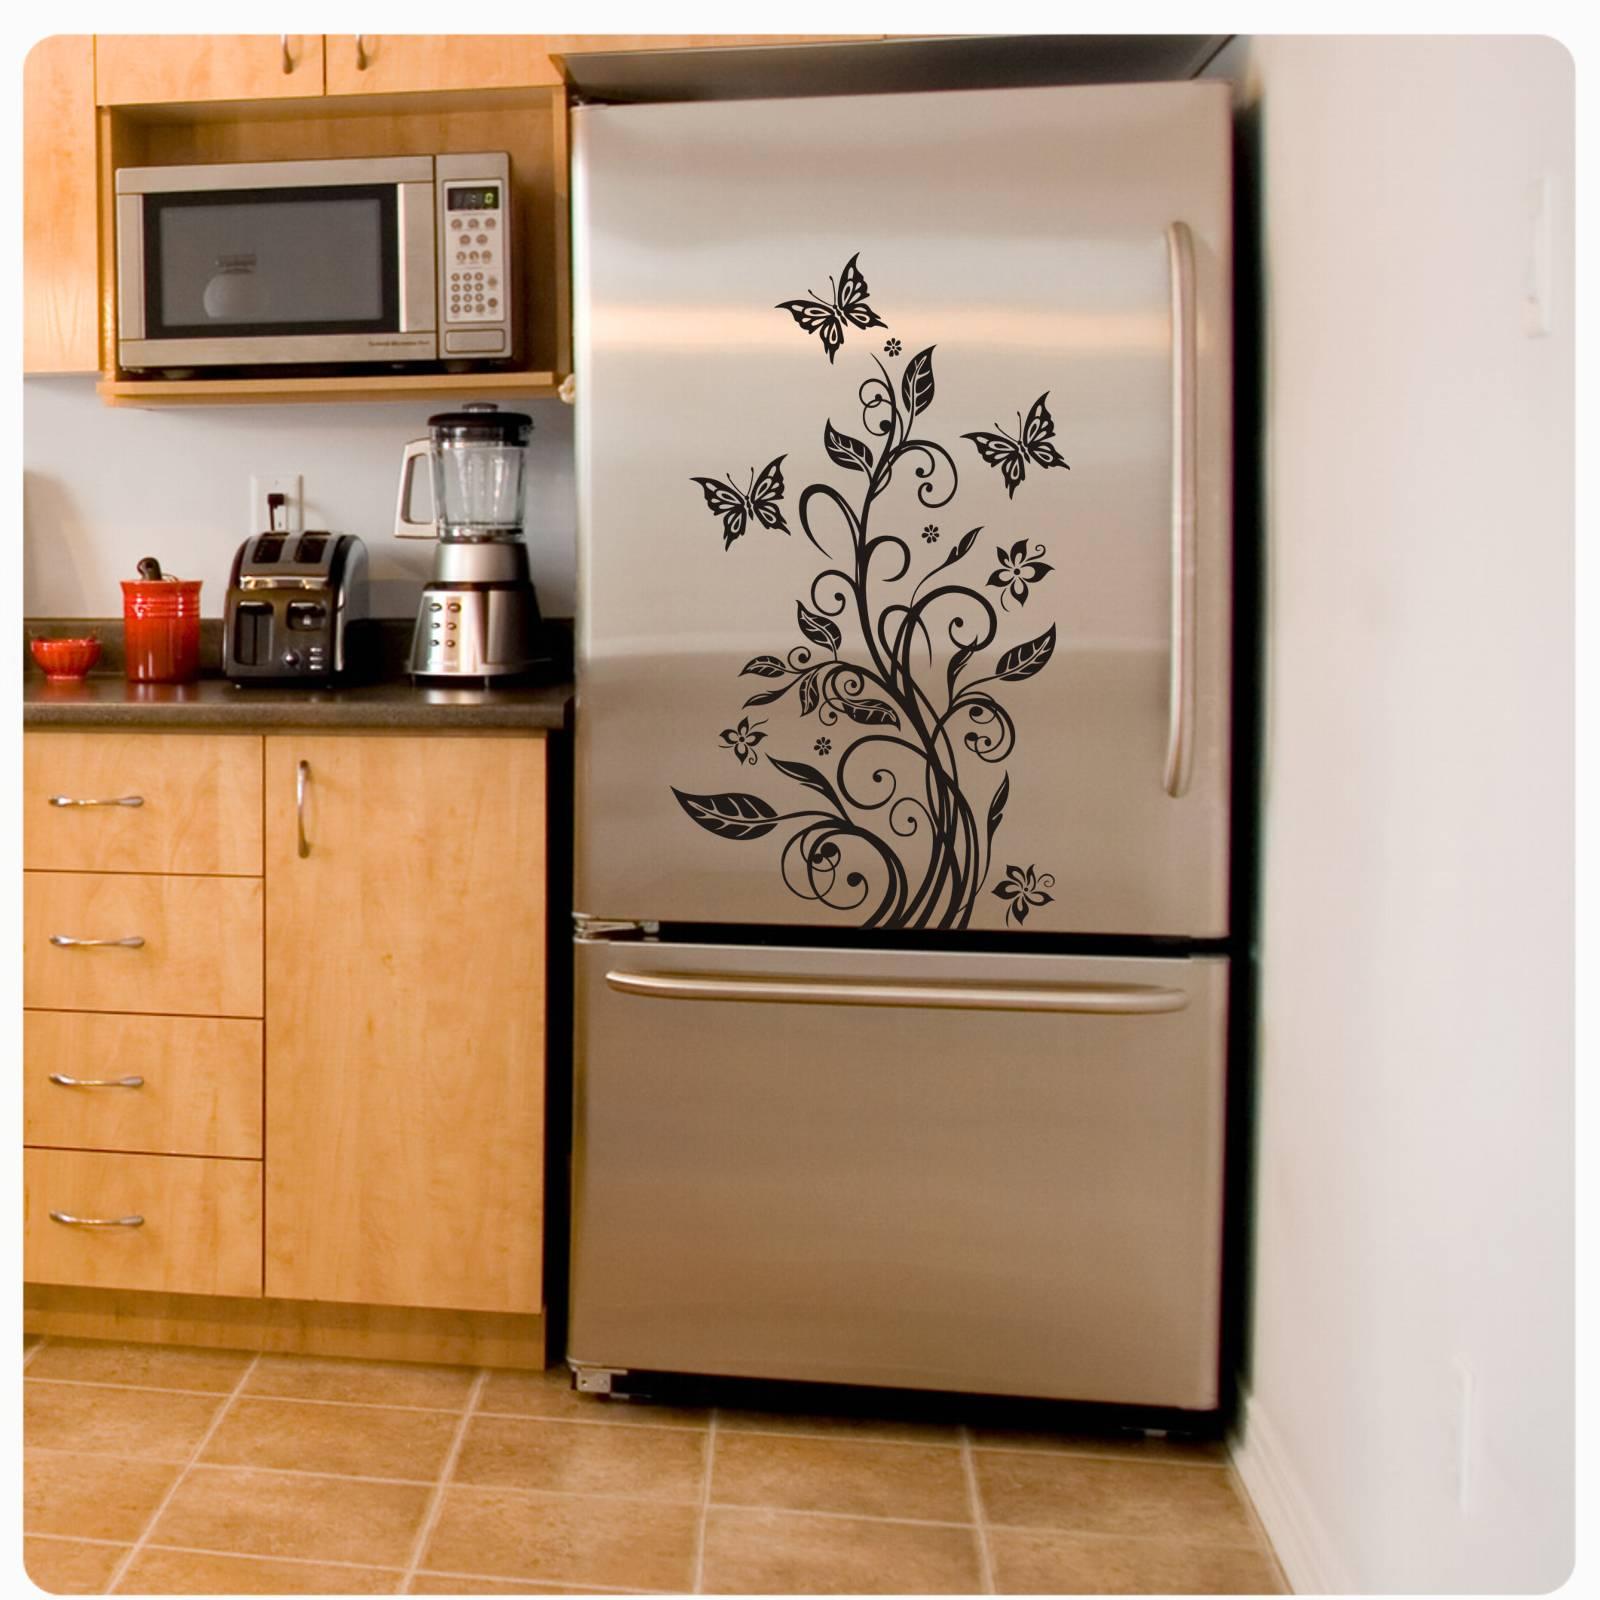 k hlschrankaufkleber hibiskus schmetterling k hlschrank aufkleber ranke k015 ebay. Black Bedroom Furniture Sets. Home Design Ideas